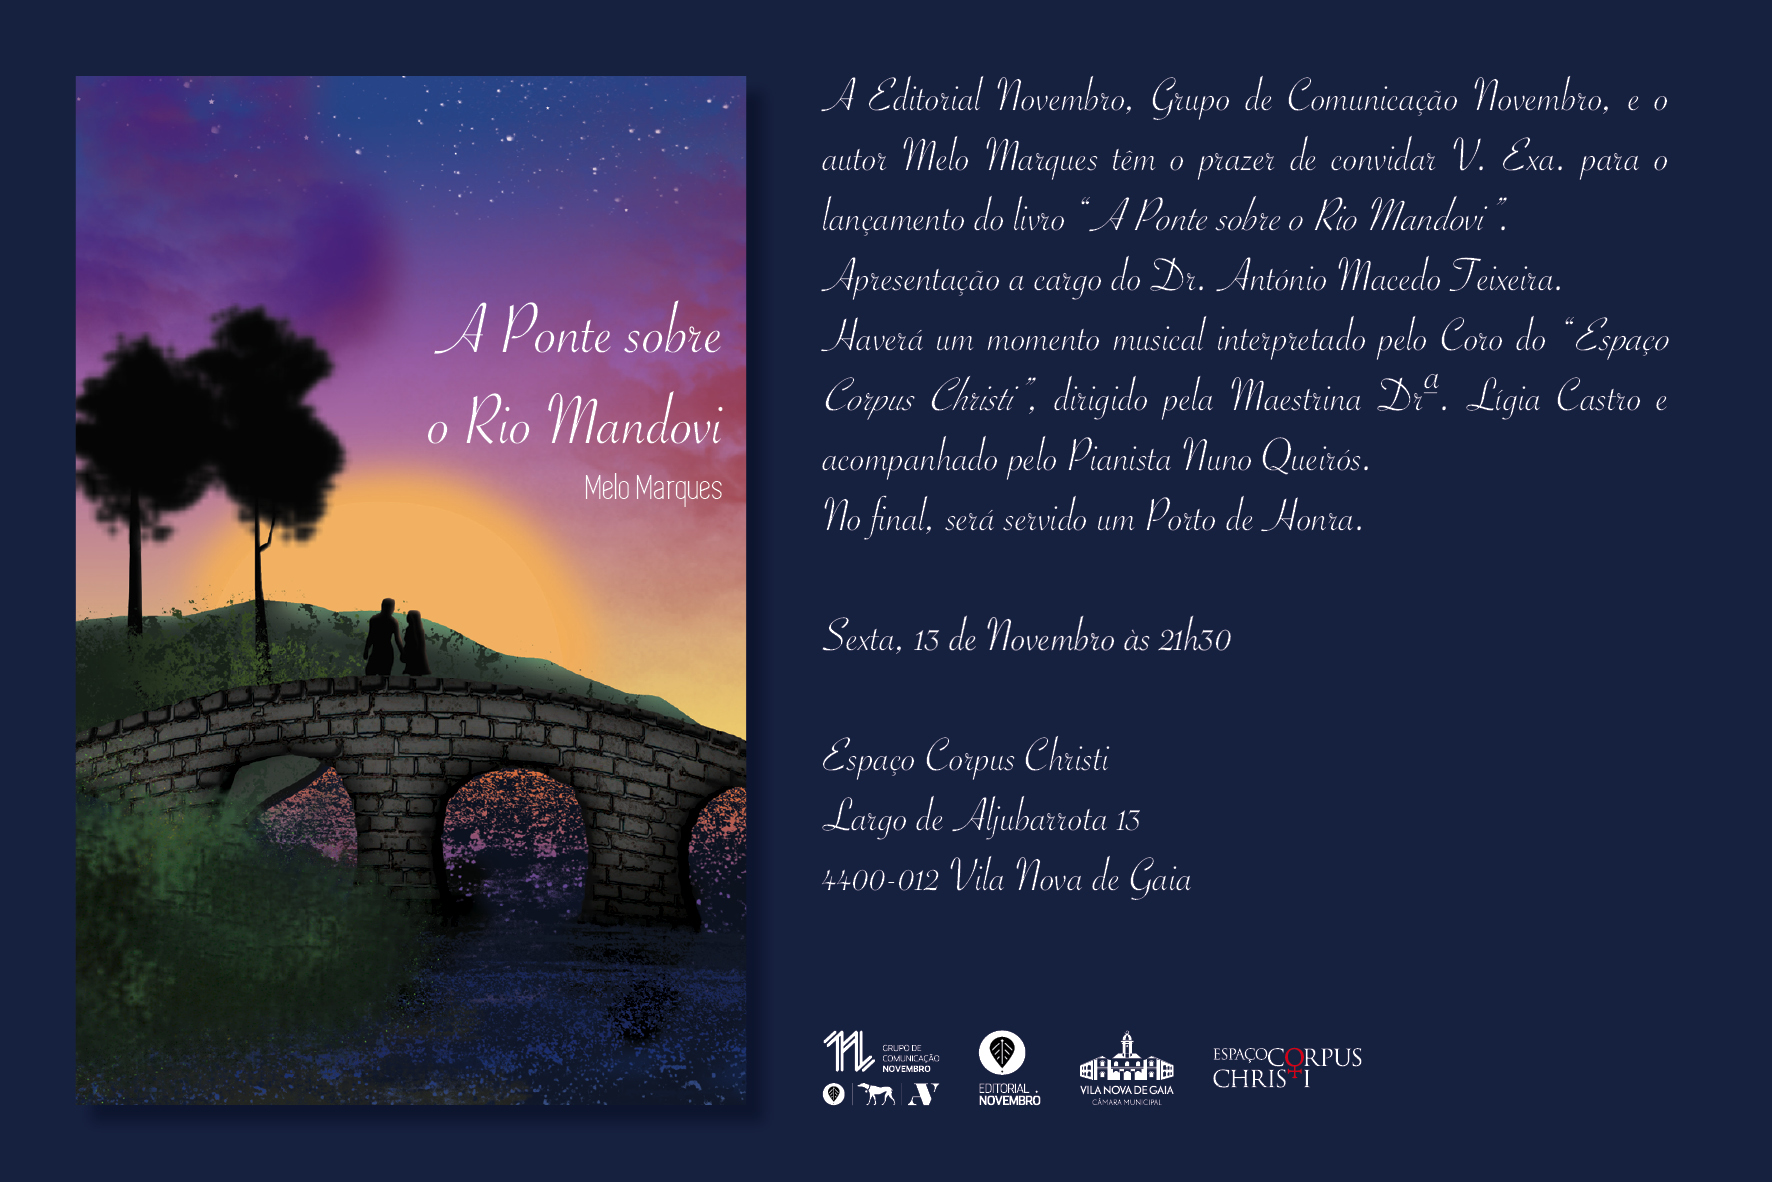 """Lançamento do livro """"A Ponte sobre o Rio Mandovi"""", de Melo Marques"""